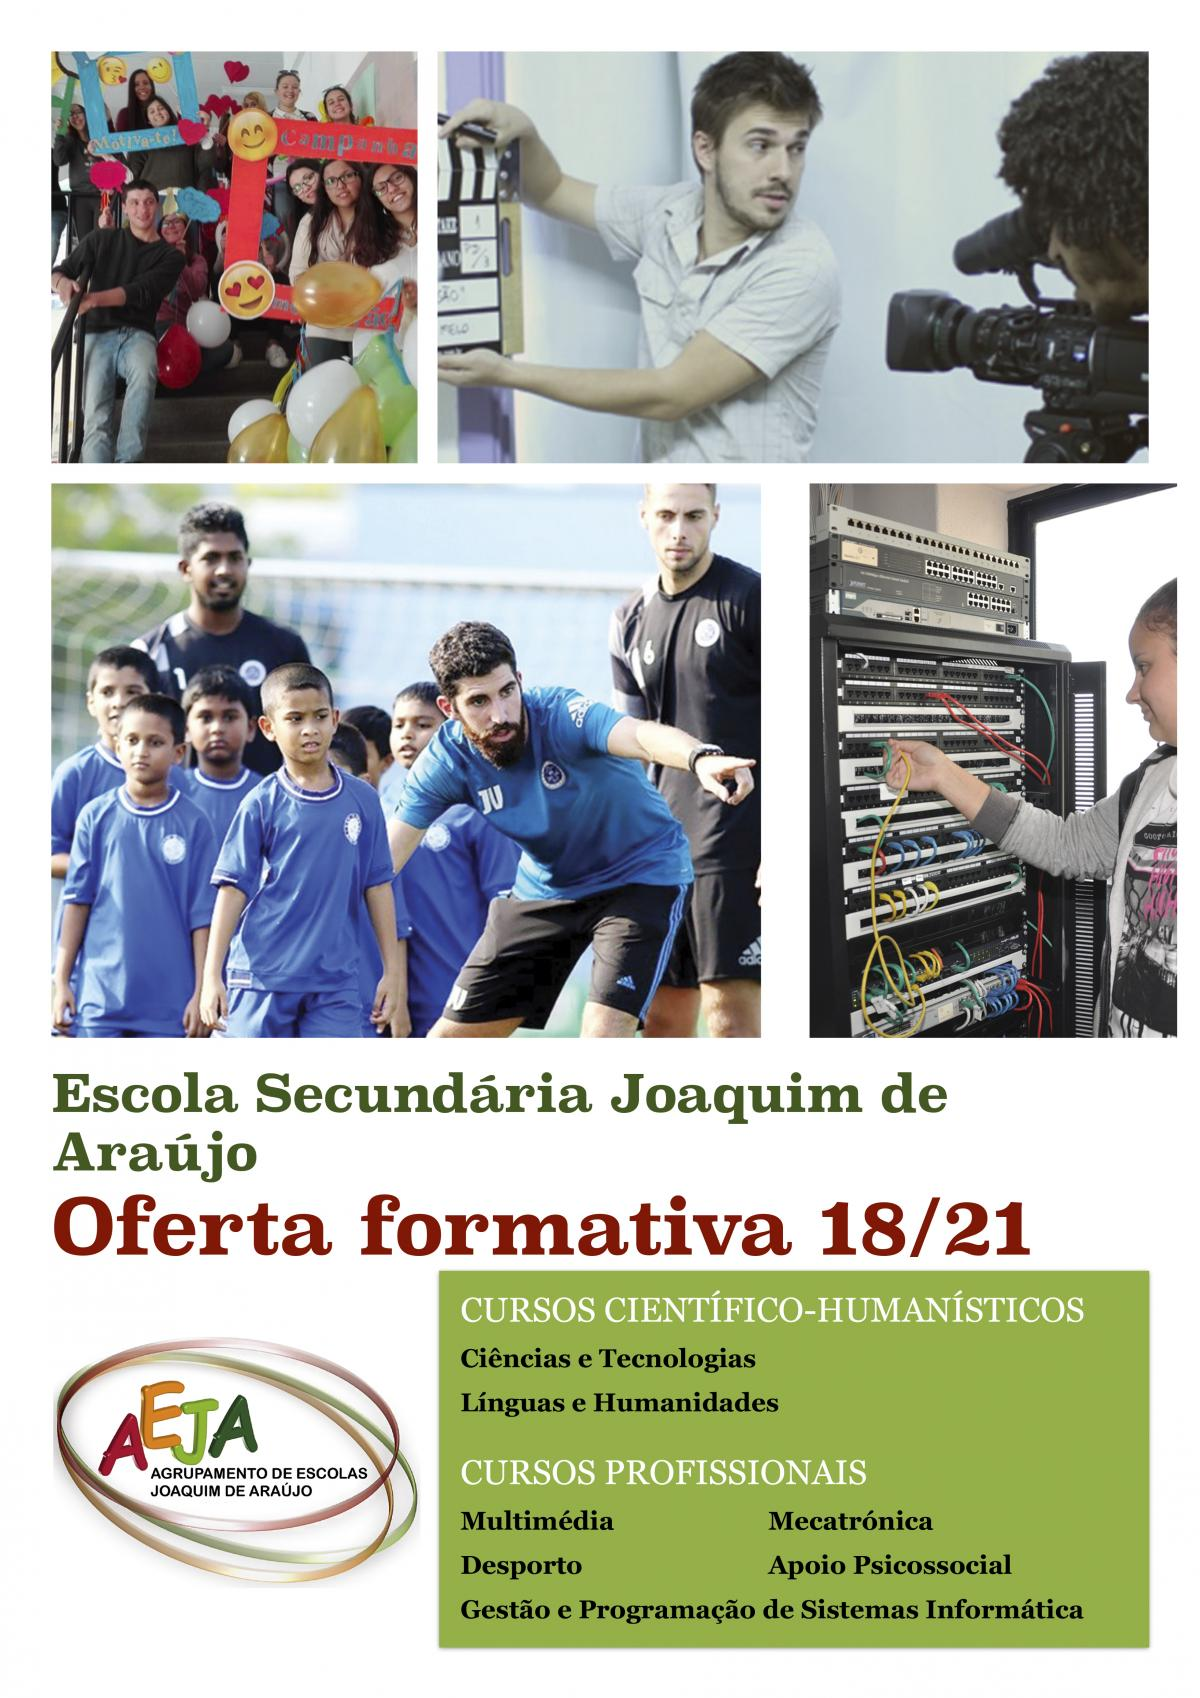 Ensino Secundário - Oferta formativa 2018/2019